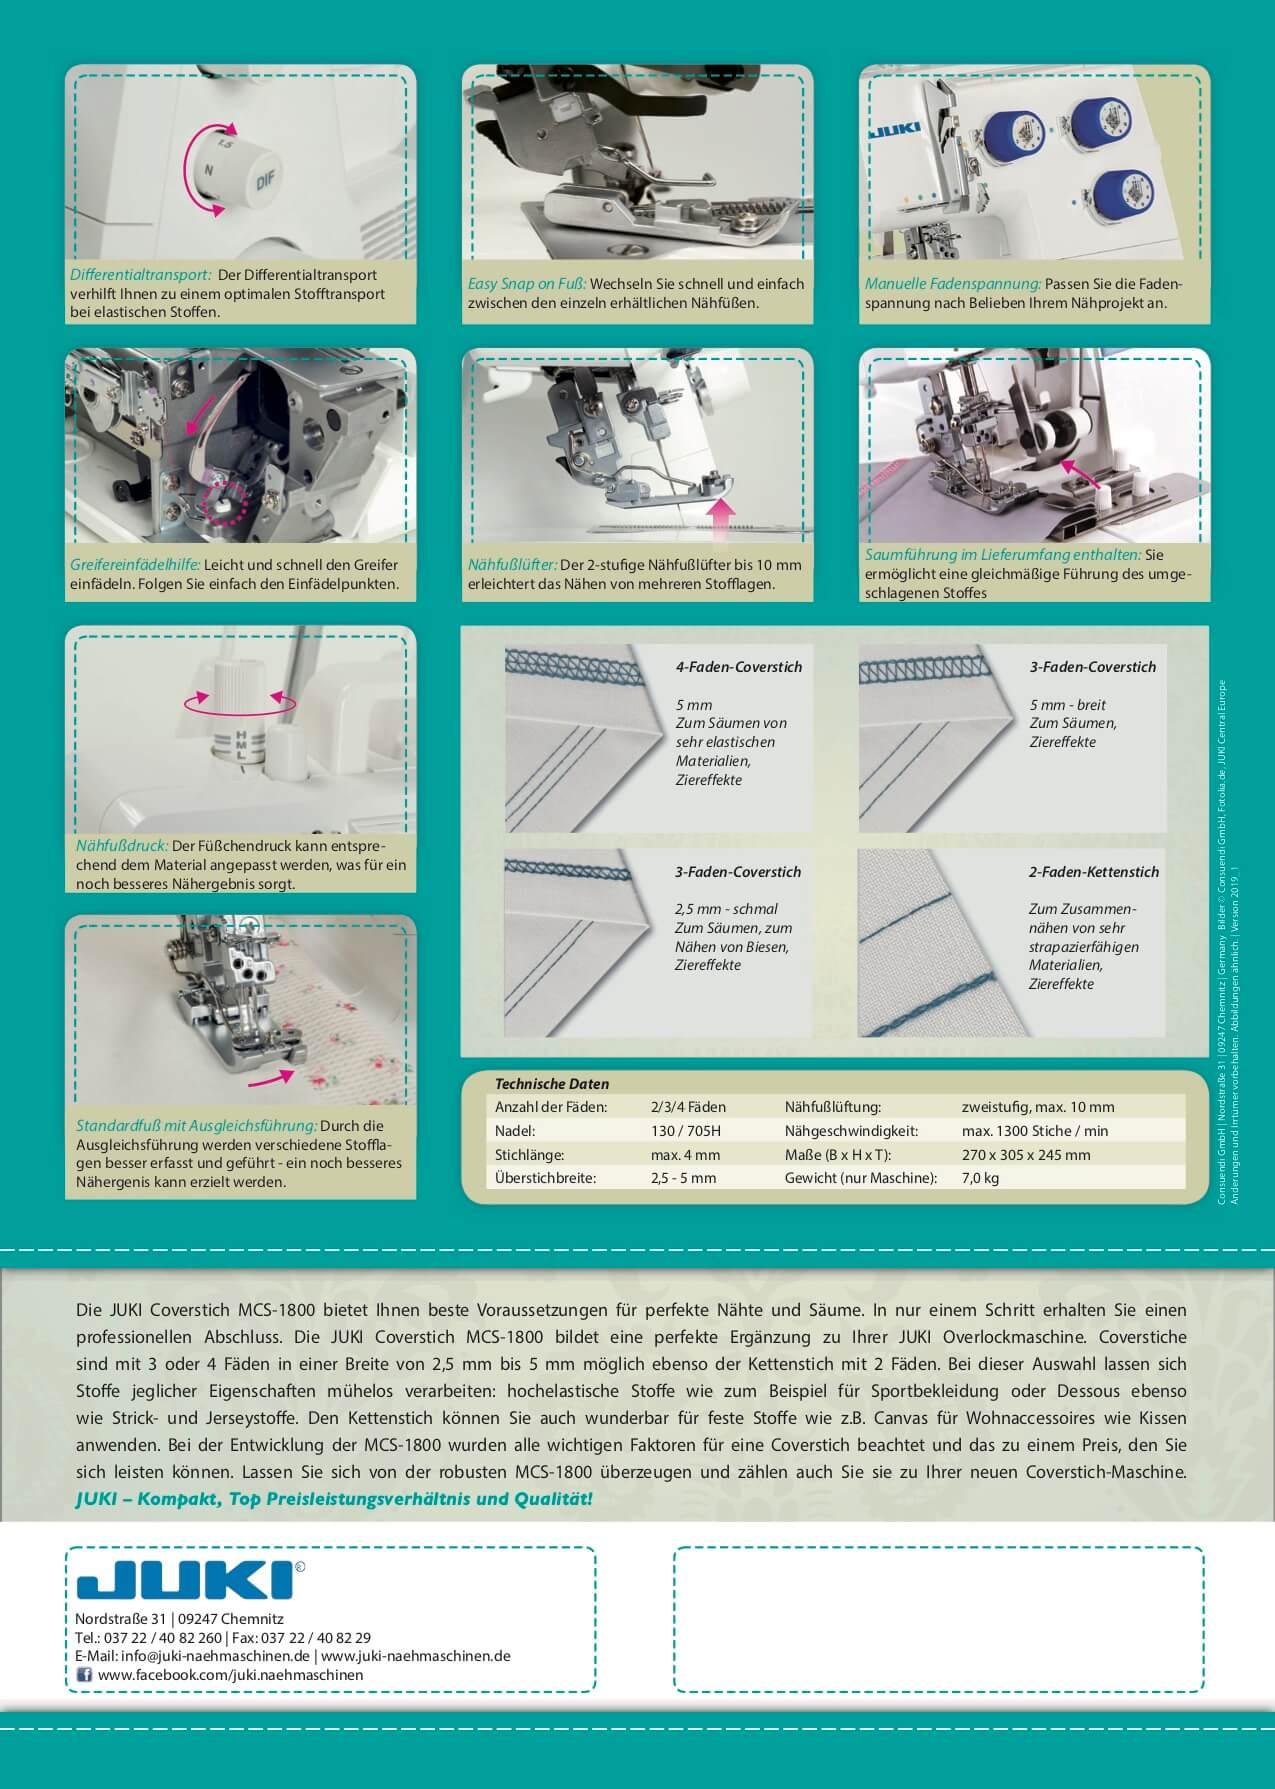 JUKI Coverlock Kirei MCS 1800 Prospekt Seite 2